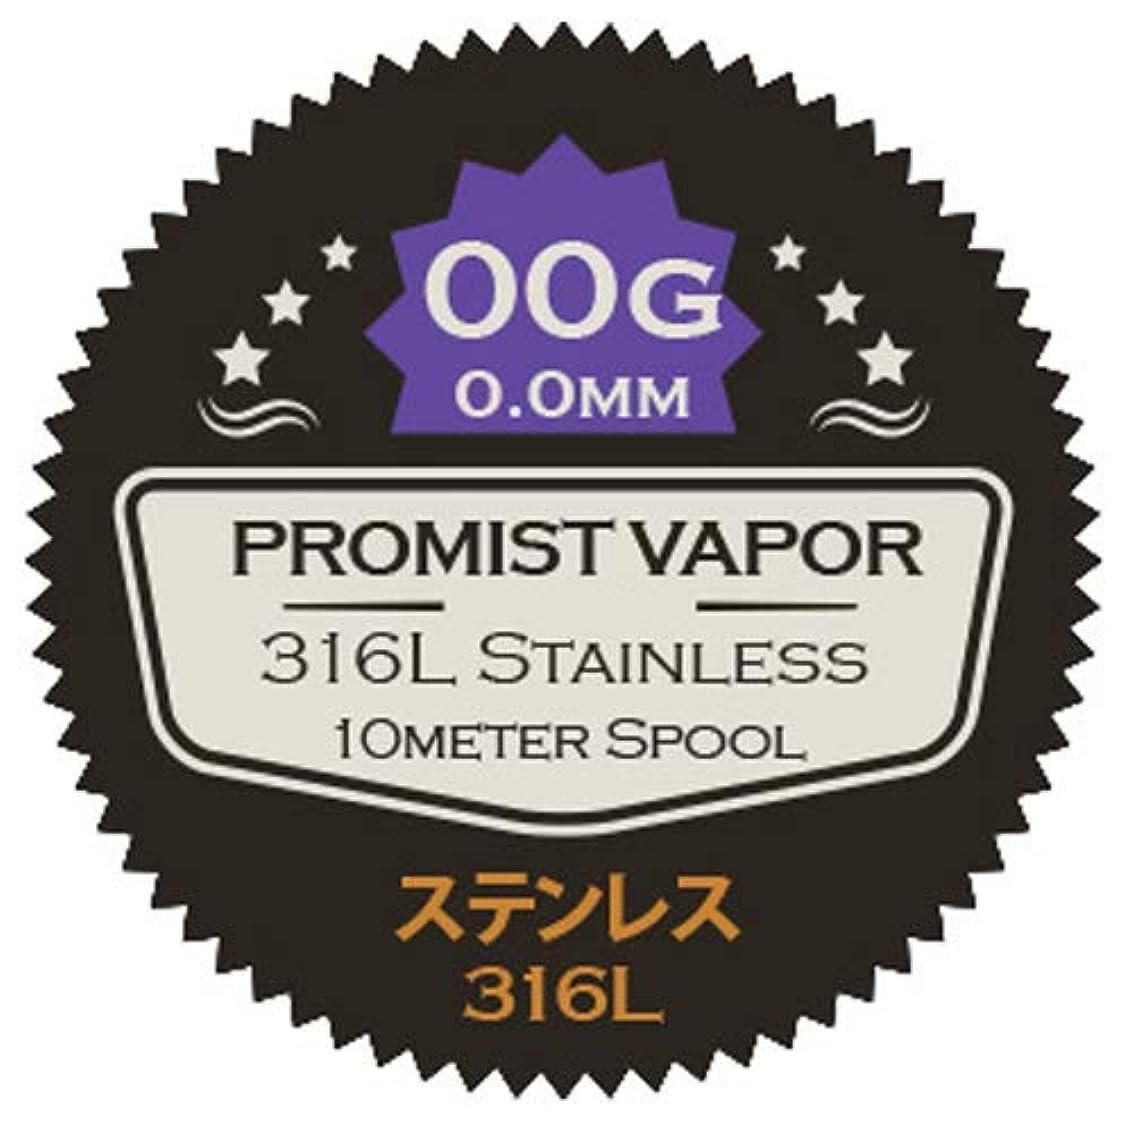 責め有効ループPromist Vapor「SS L316 ワイヤー」プロミストワイヤー/リビルダブル用品 電子タバコ専用 (26AWG)